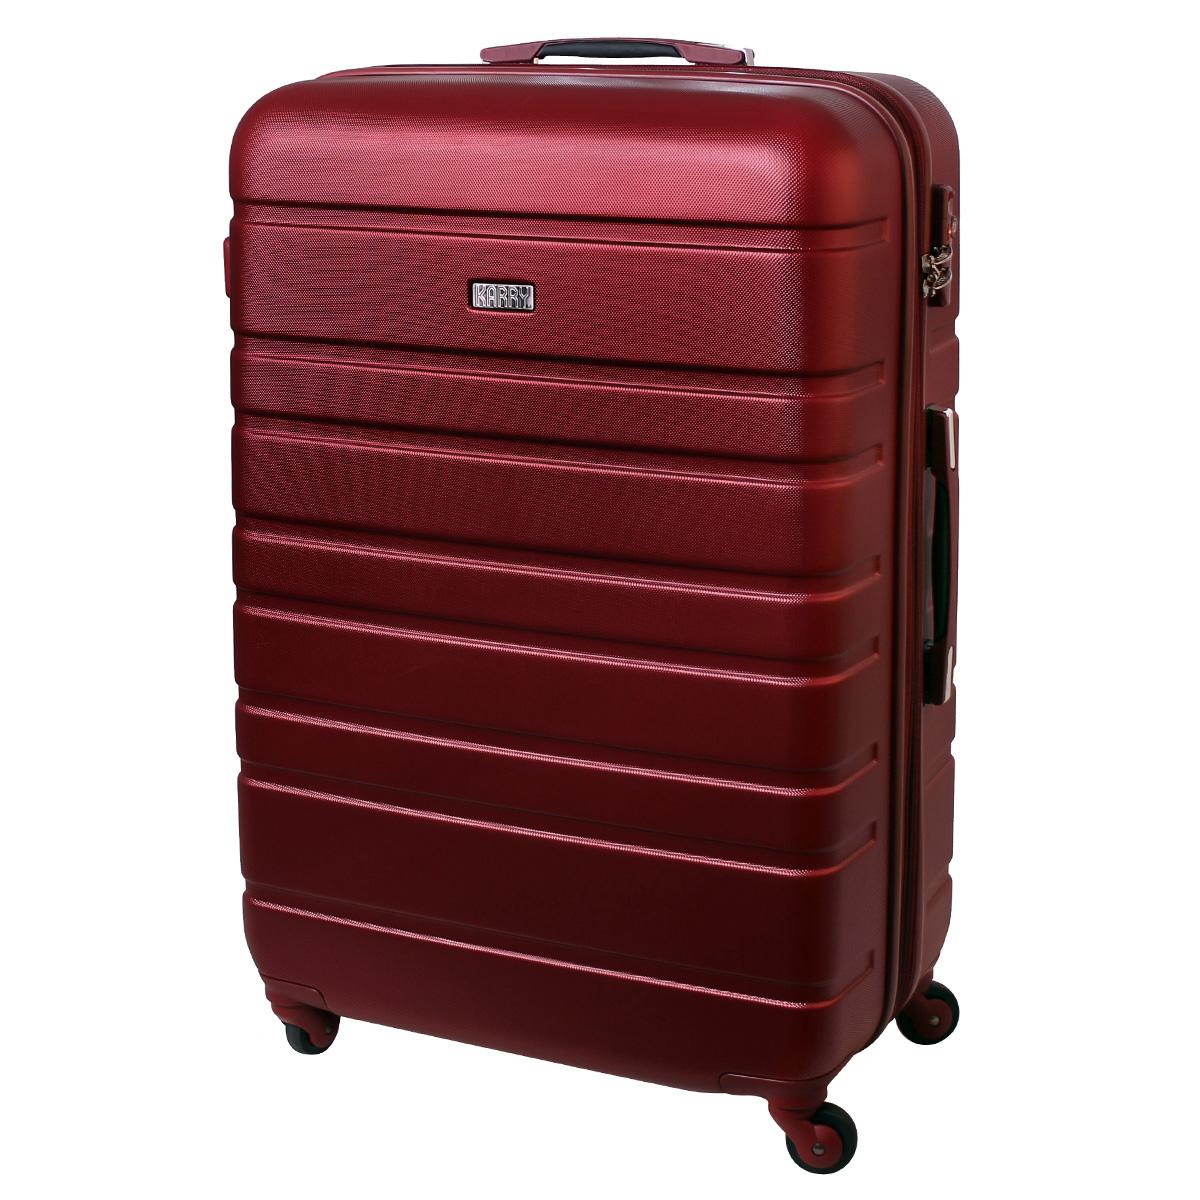 xxl hartschalen reise koffer tsa schloss 120 liter. Black Bedroom Furniture Sets. Home Design Ideas